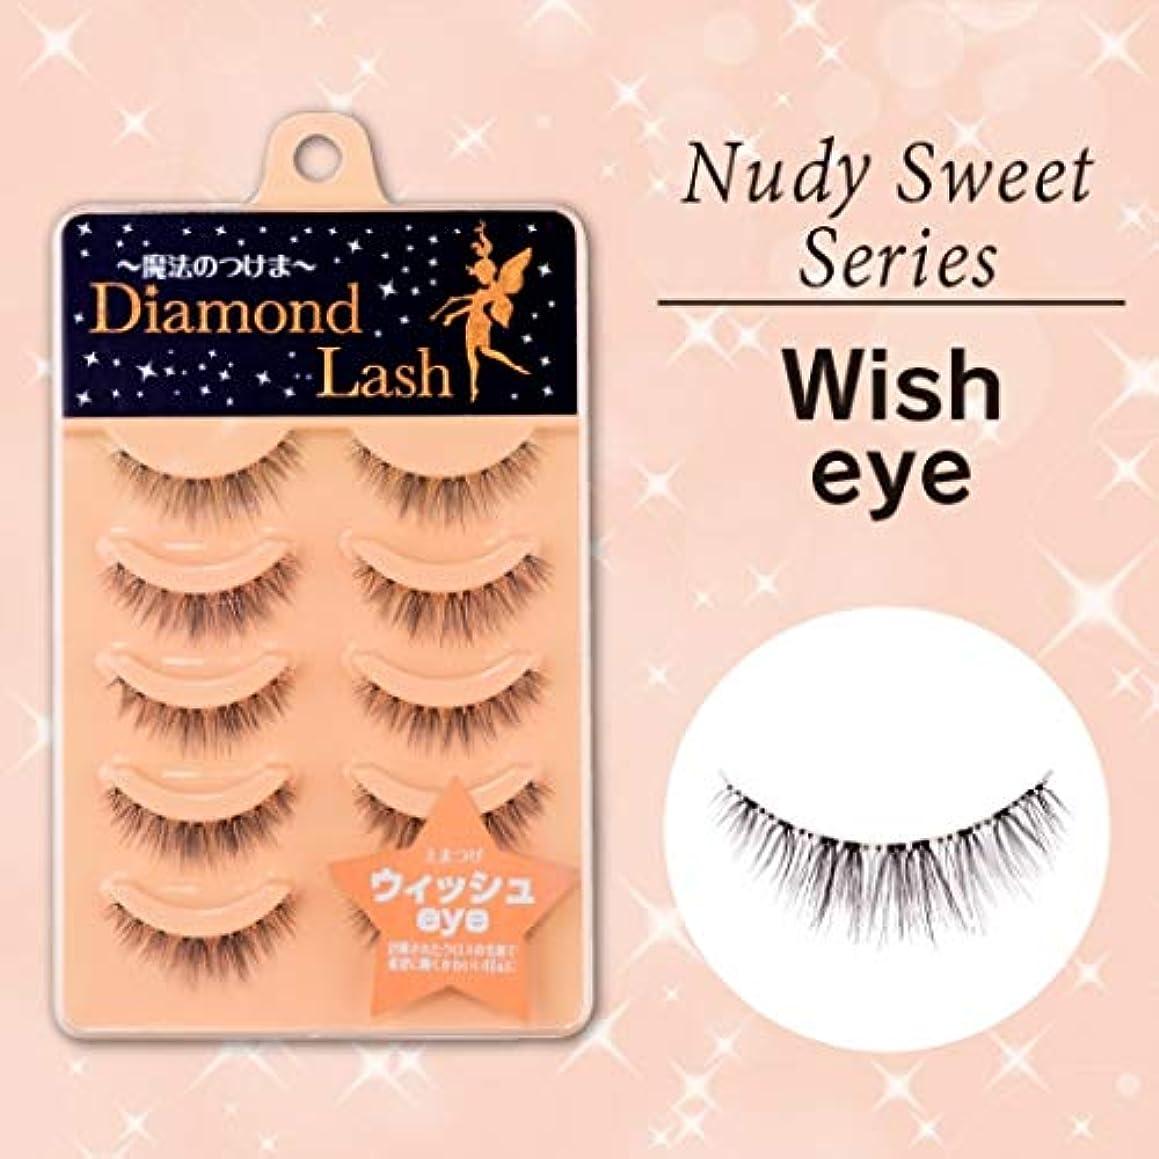 黒全体に気配りのあるダイヤモンドラッシュ ヌーディスウィートシリーズ ウィッシュeye